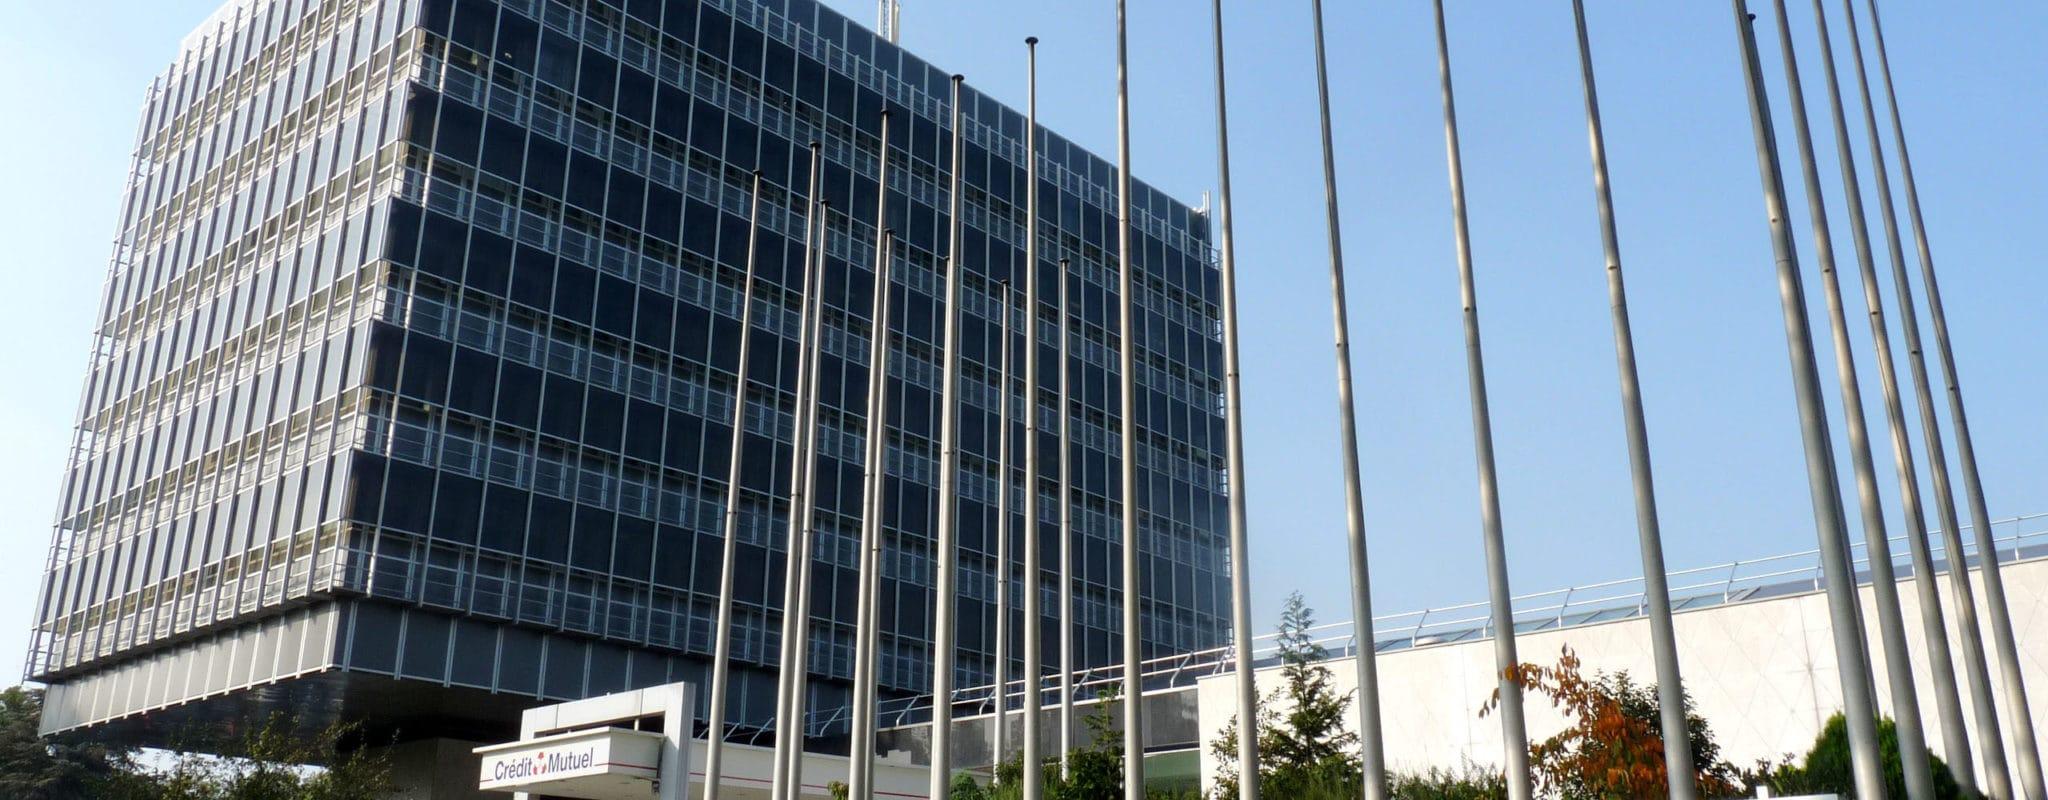 Sous pression, le Crédit Mutuel promet le télétravail pour 90% des effectifs d'Euro Information